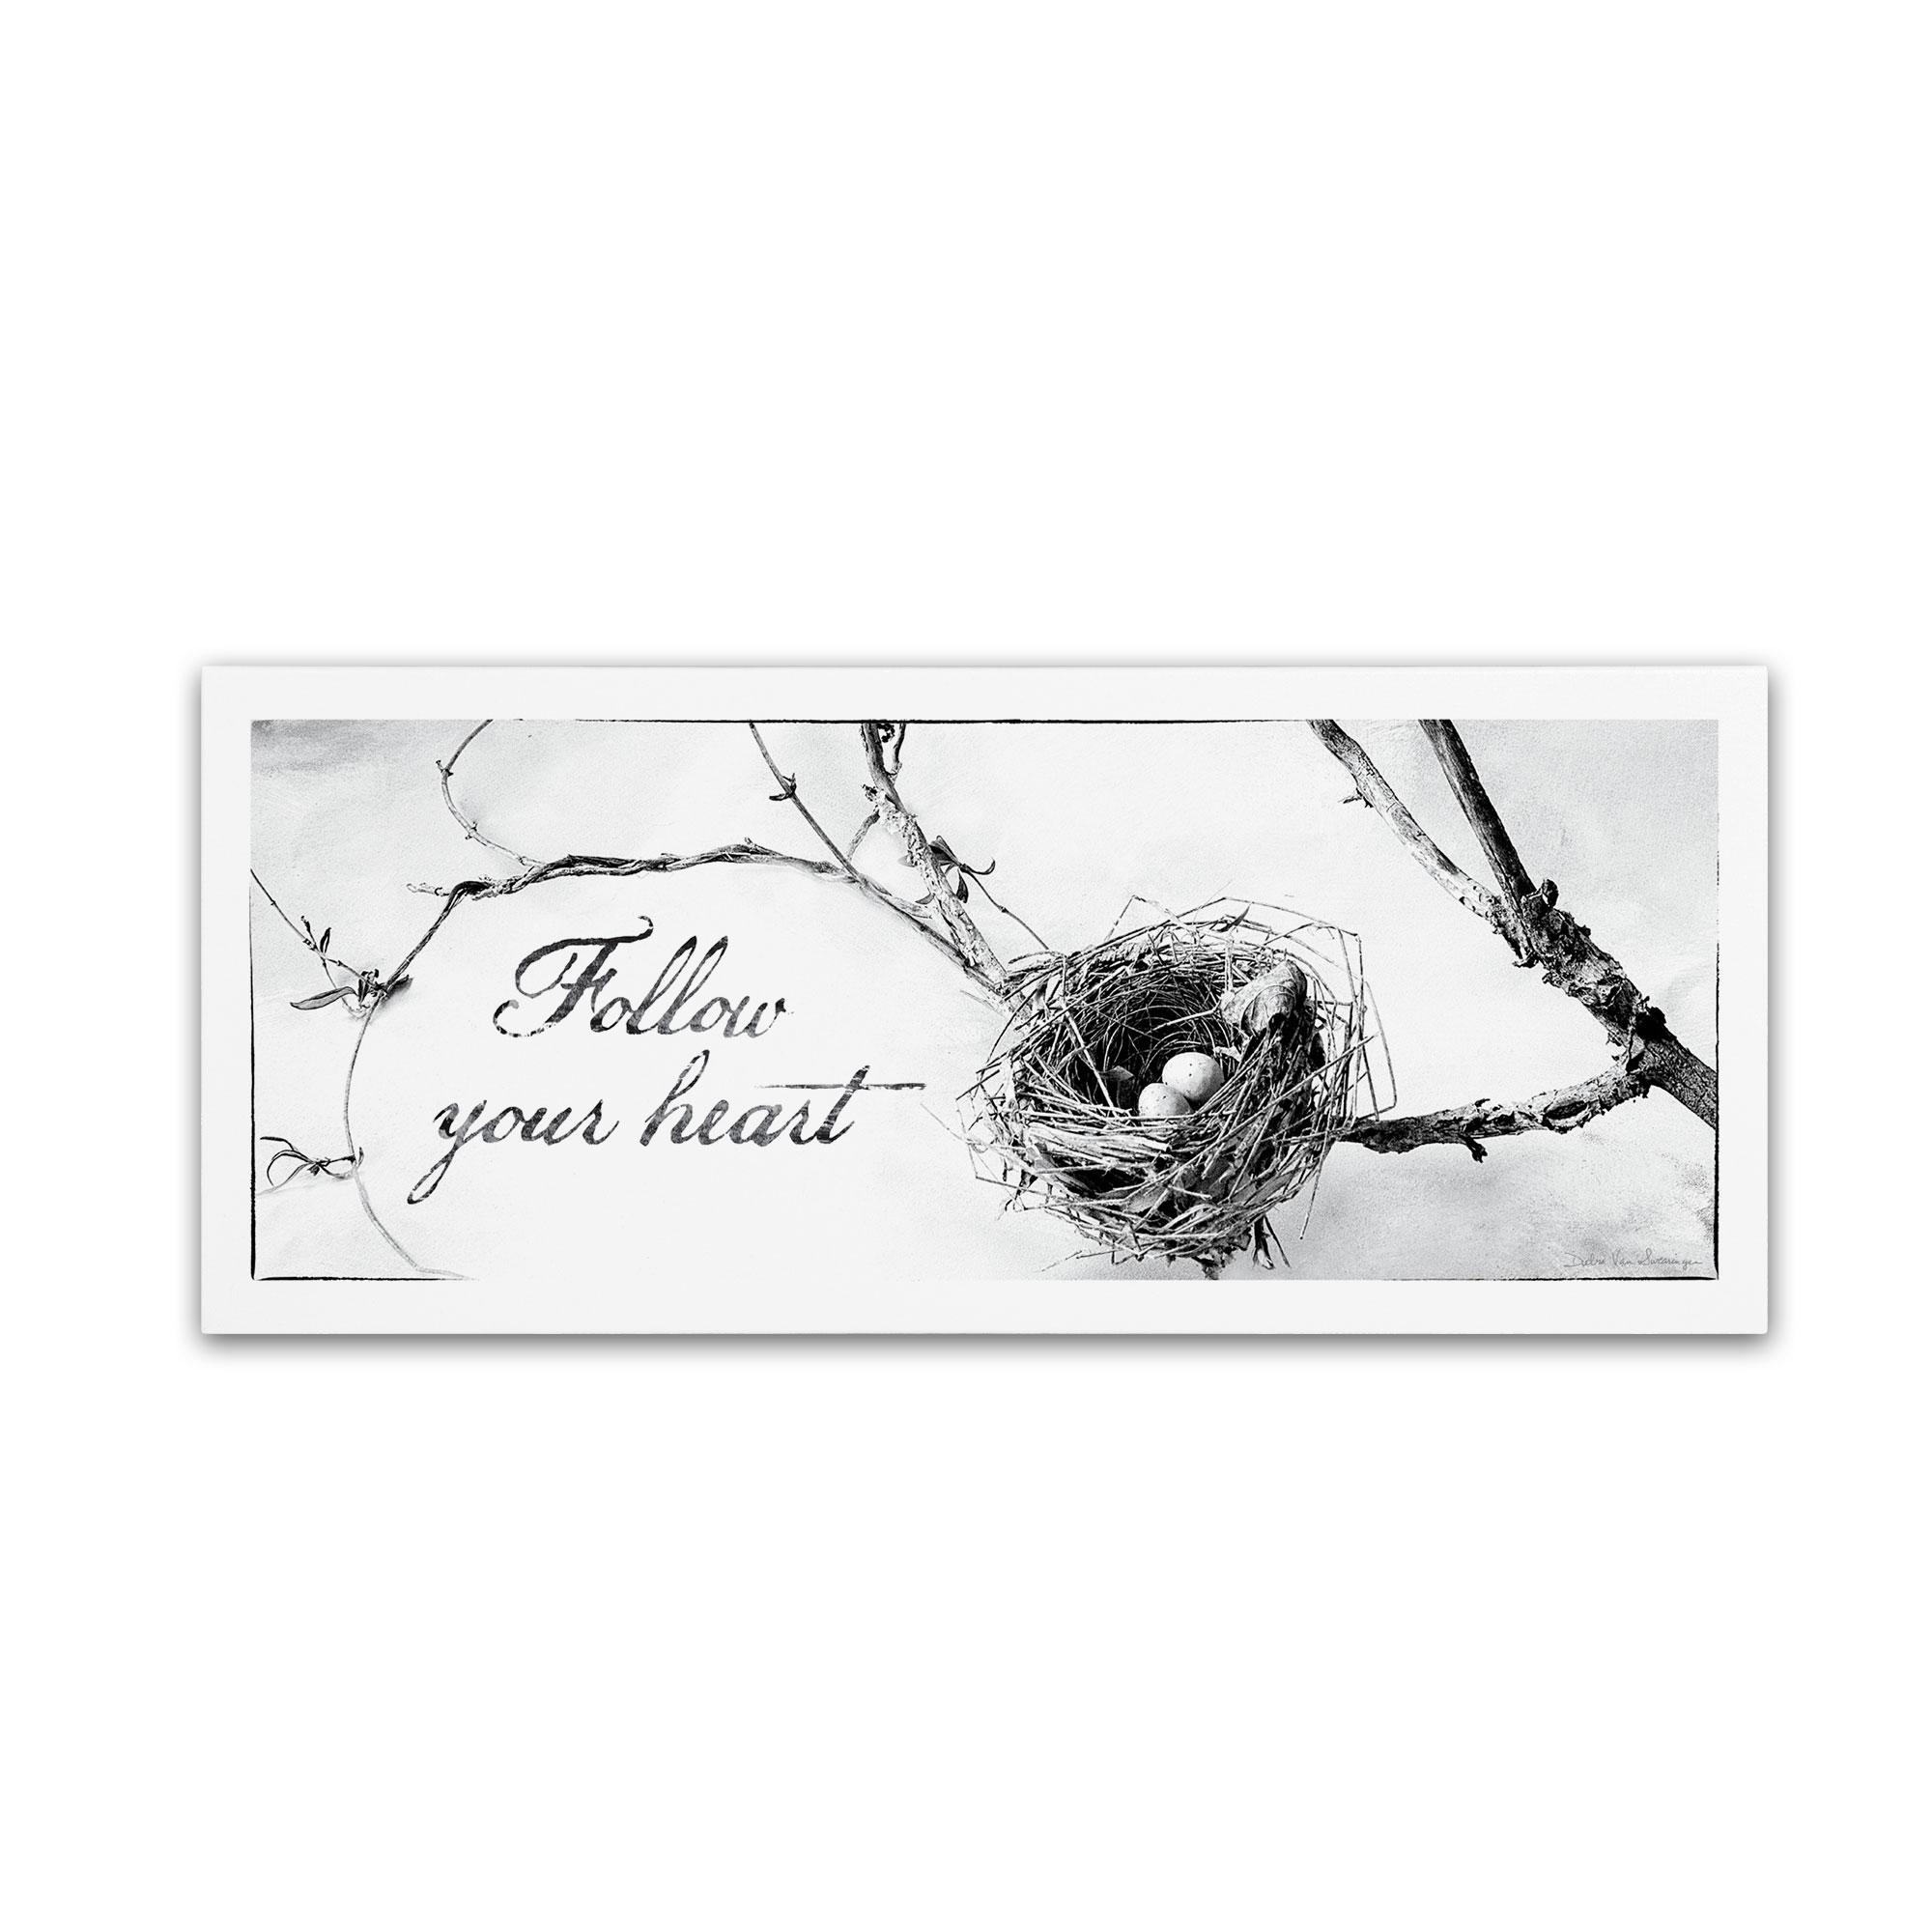 Trademark Fine Art Debra Van Swearingen 'Nest and Branch III' Canvas Art PartNumber: 021V004696375000P KsnValue: 4696375 MfgPartNumber: WAP0105-C1432GG